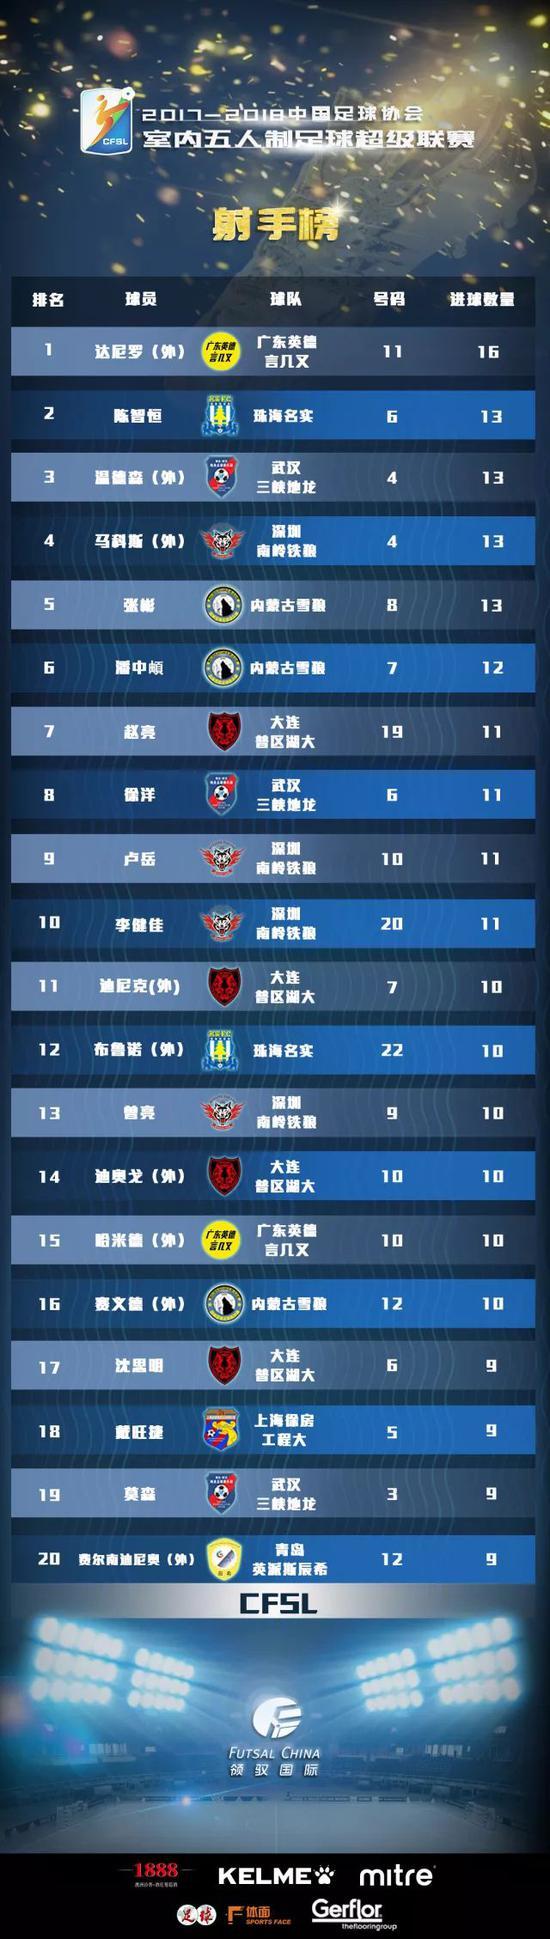 五超第11轮详细战报:武汉连续三脚中柱 大连险胜